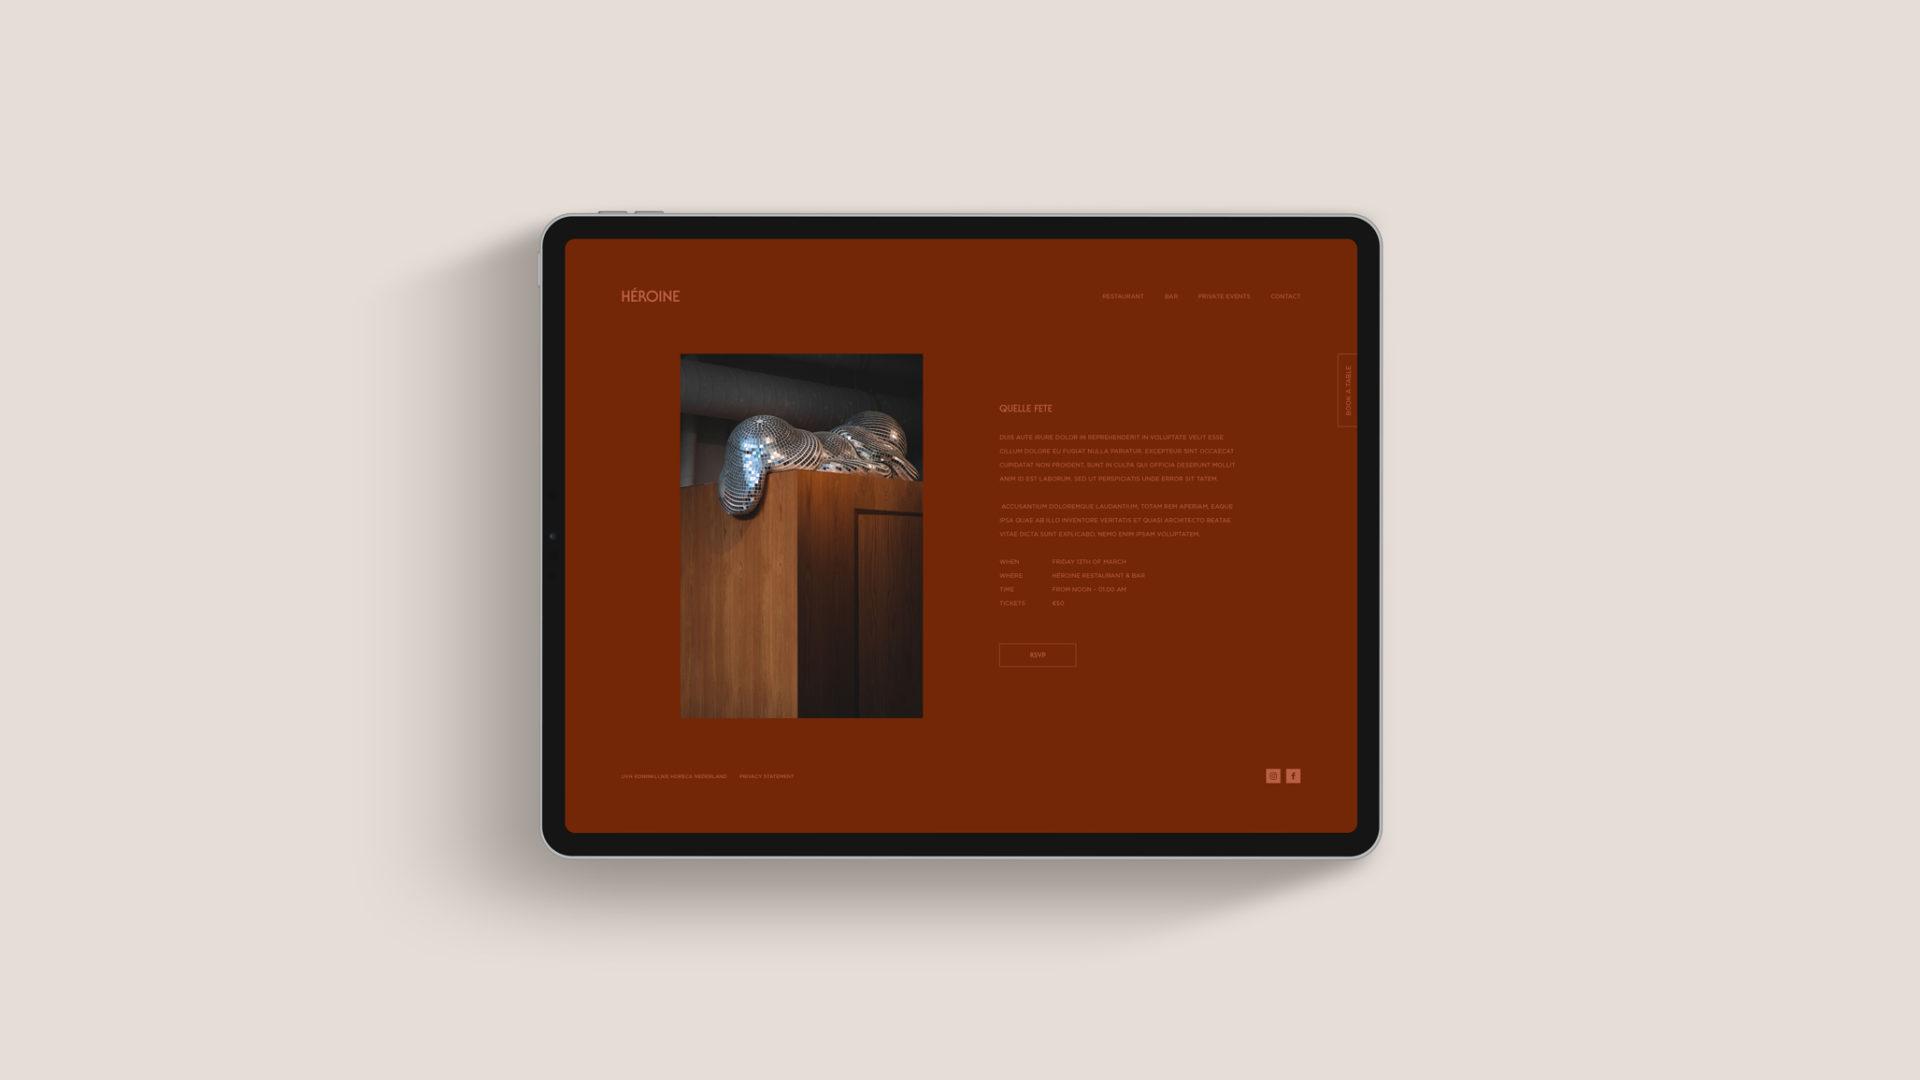 Met-studio-heroine-website-1